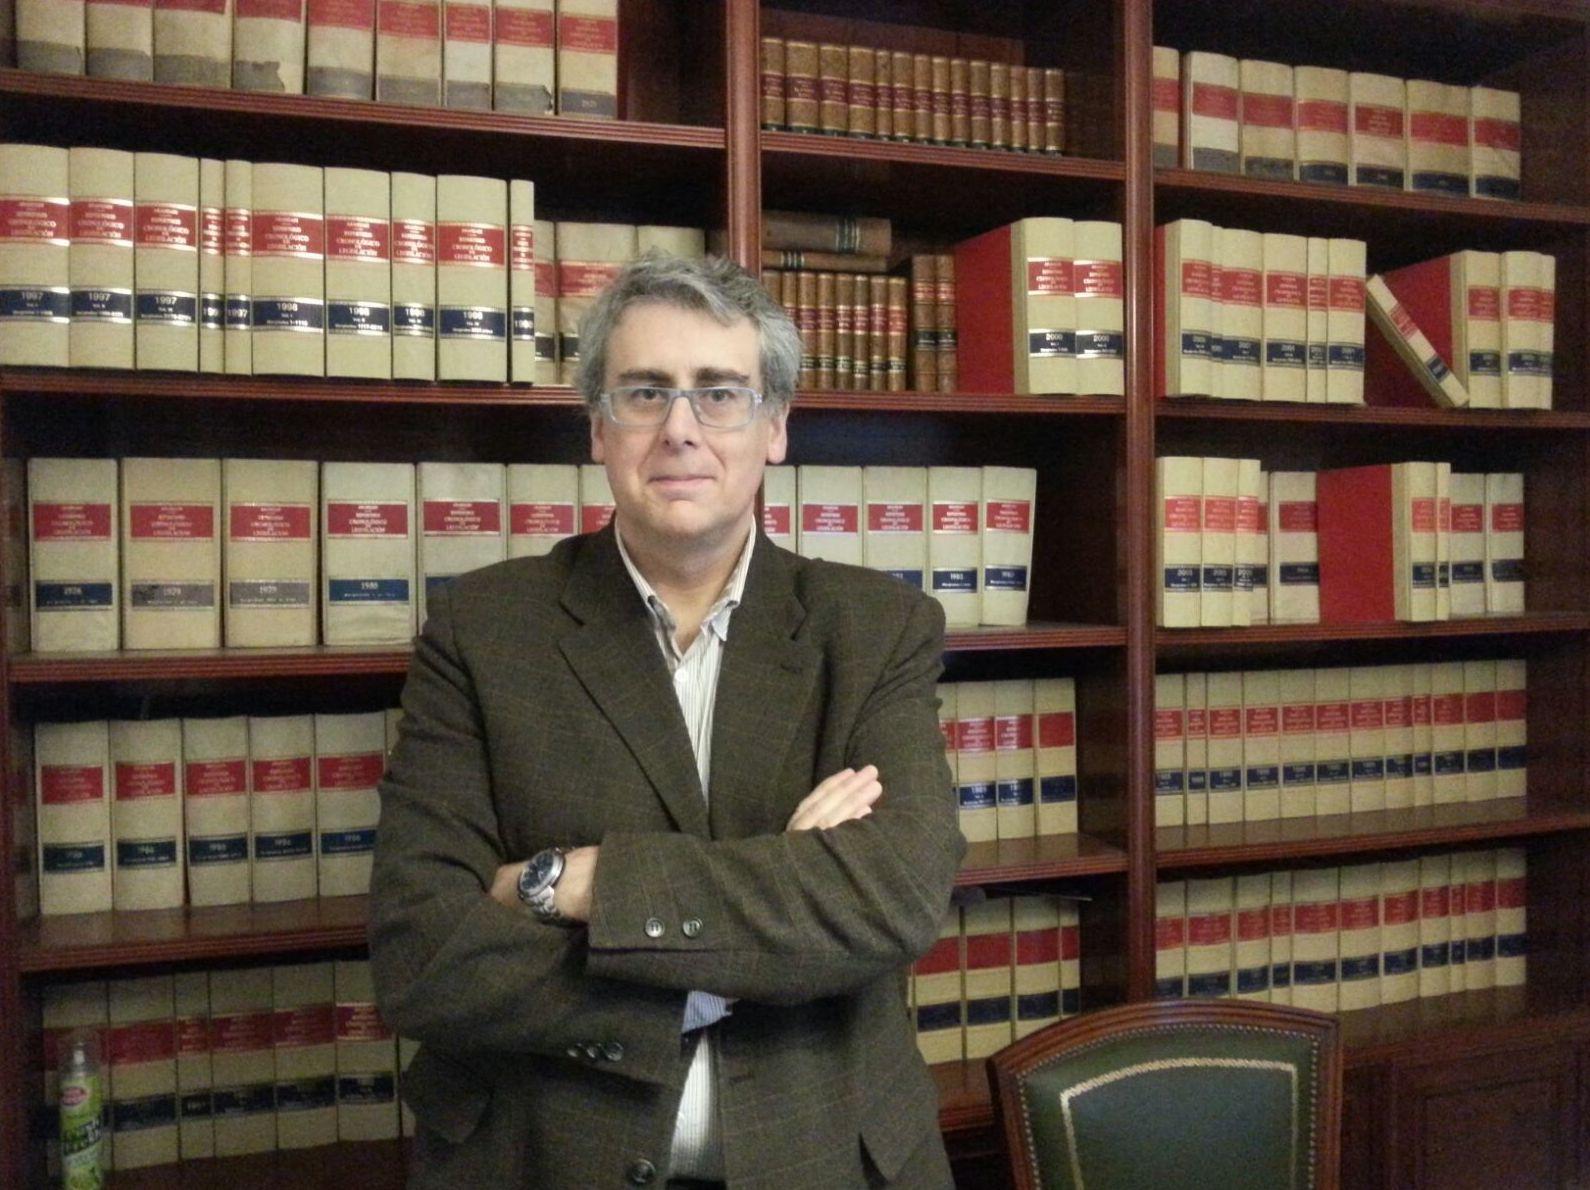 Derecho penal Pontevedra